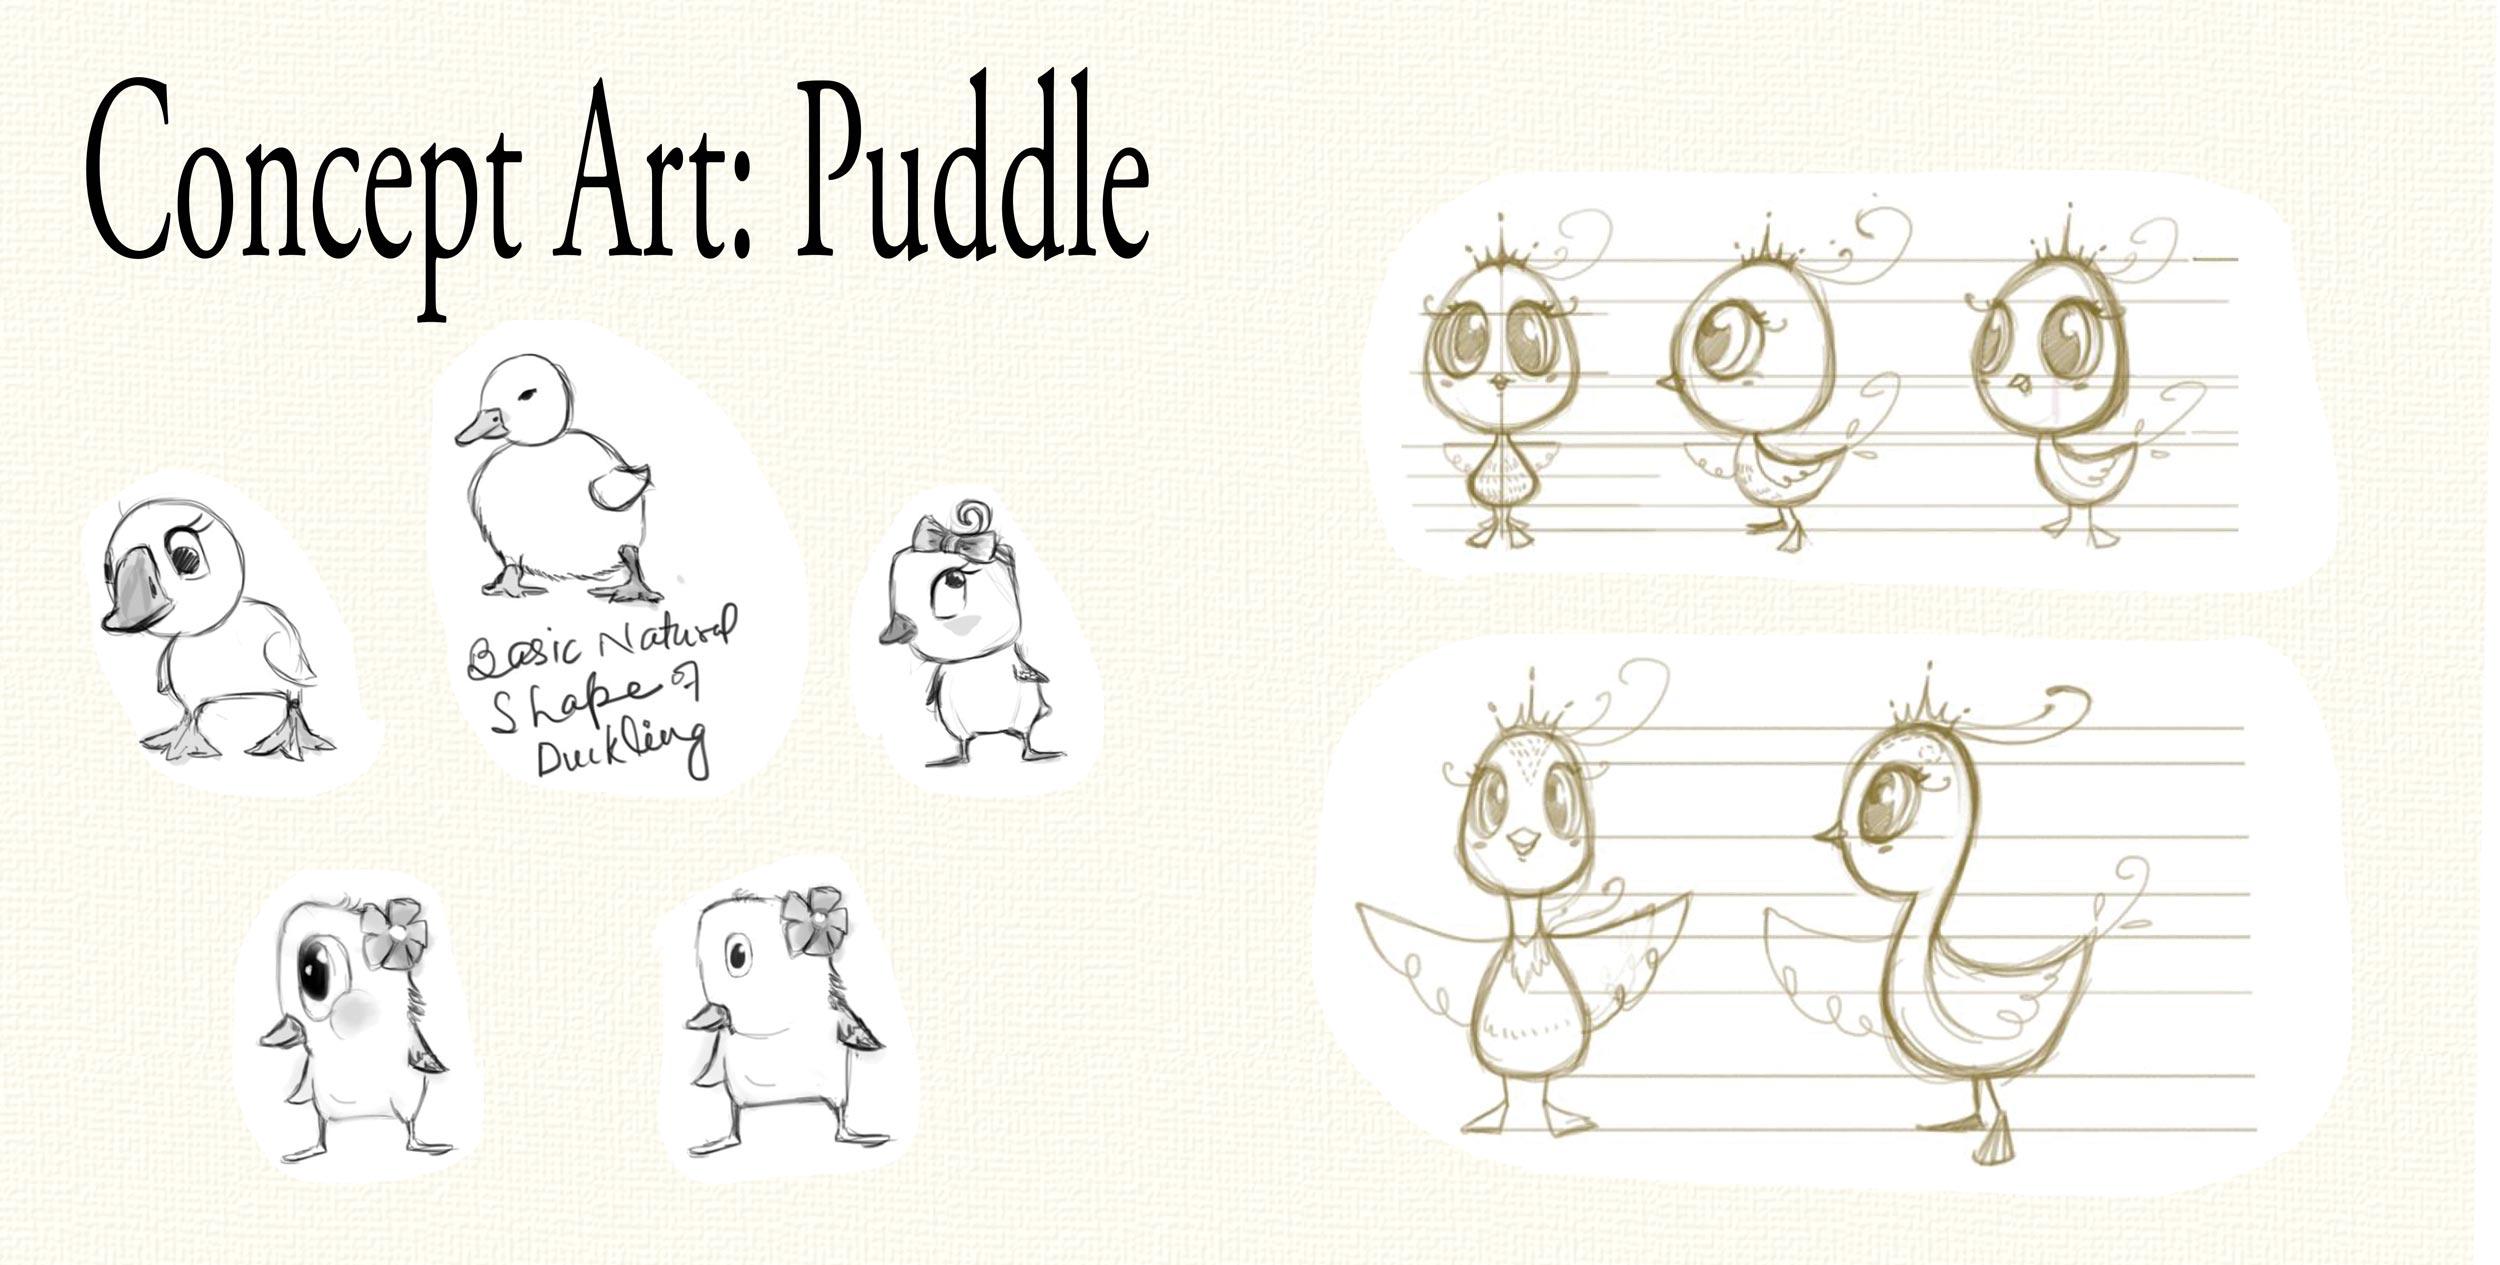 Puddle-Concept-Art-Appendix-7-8.jpg